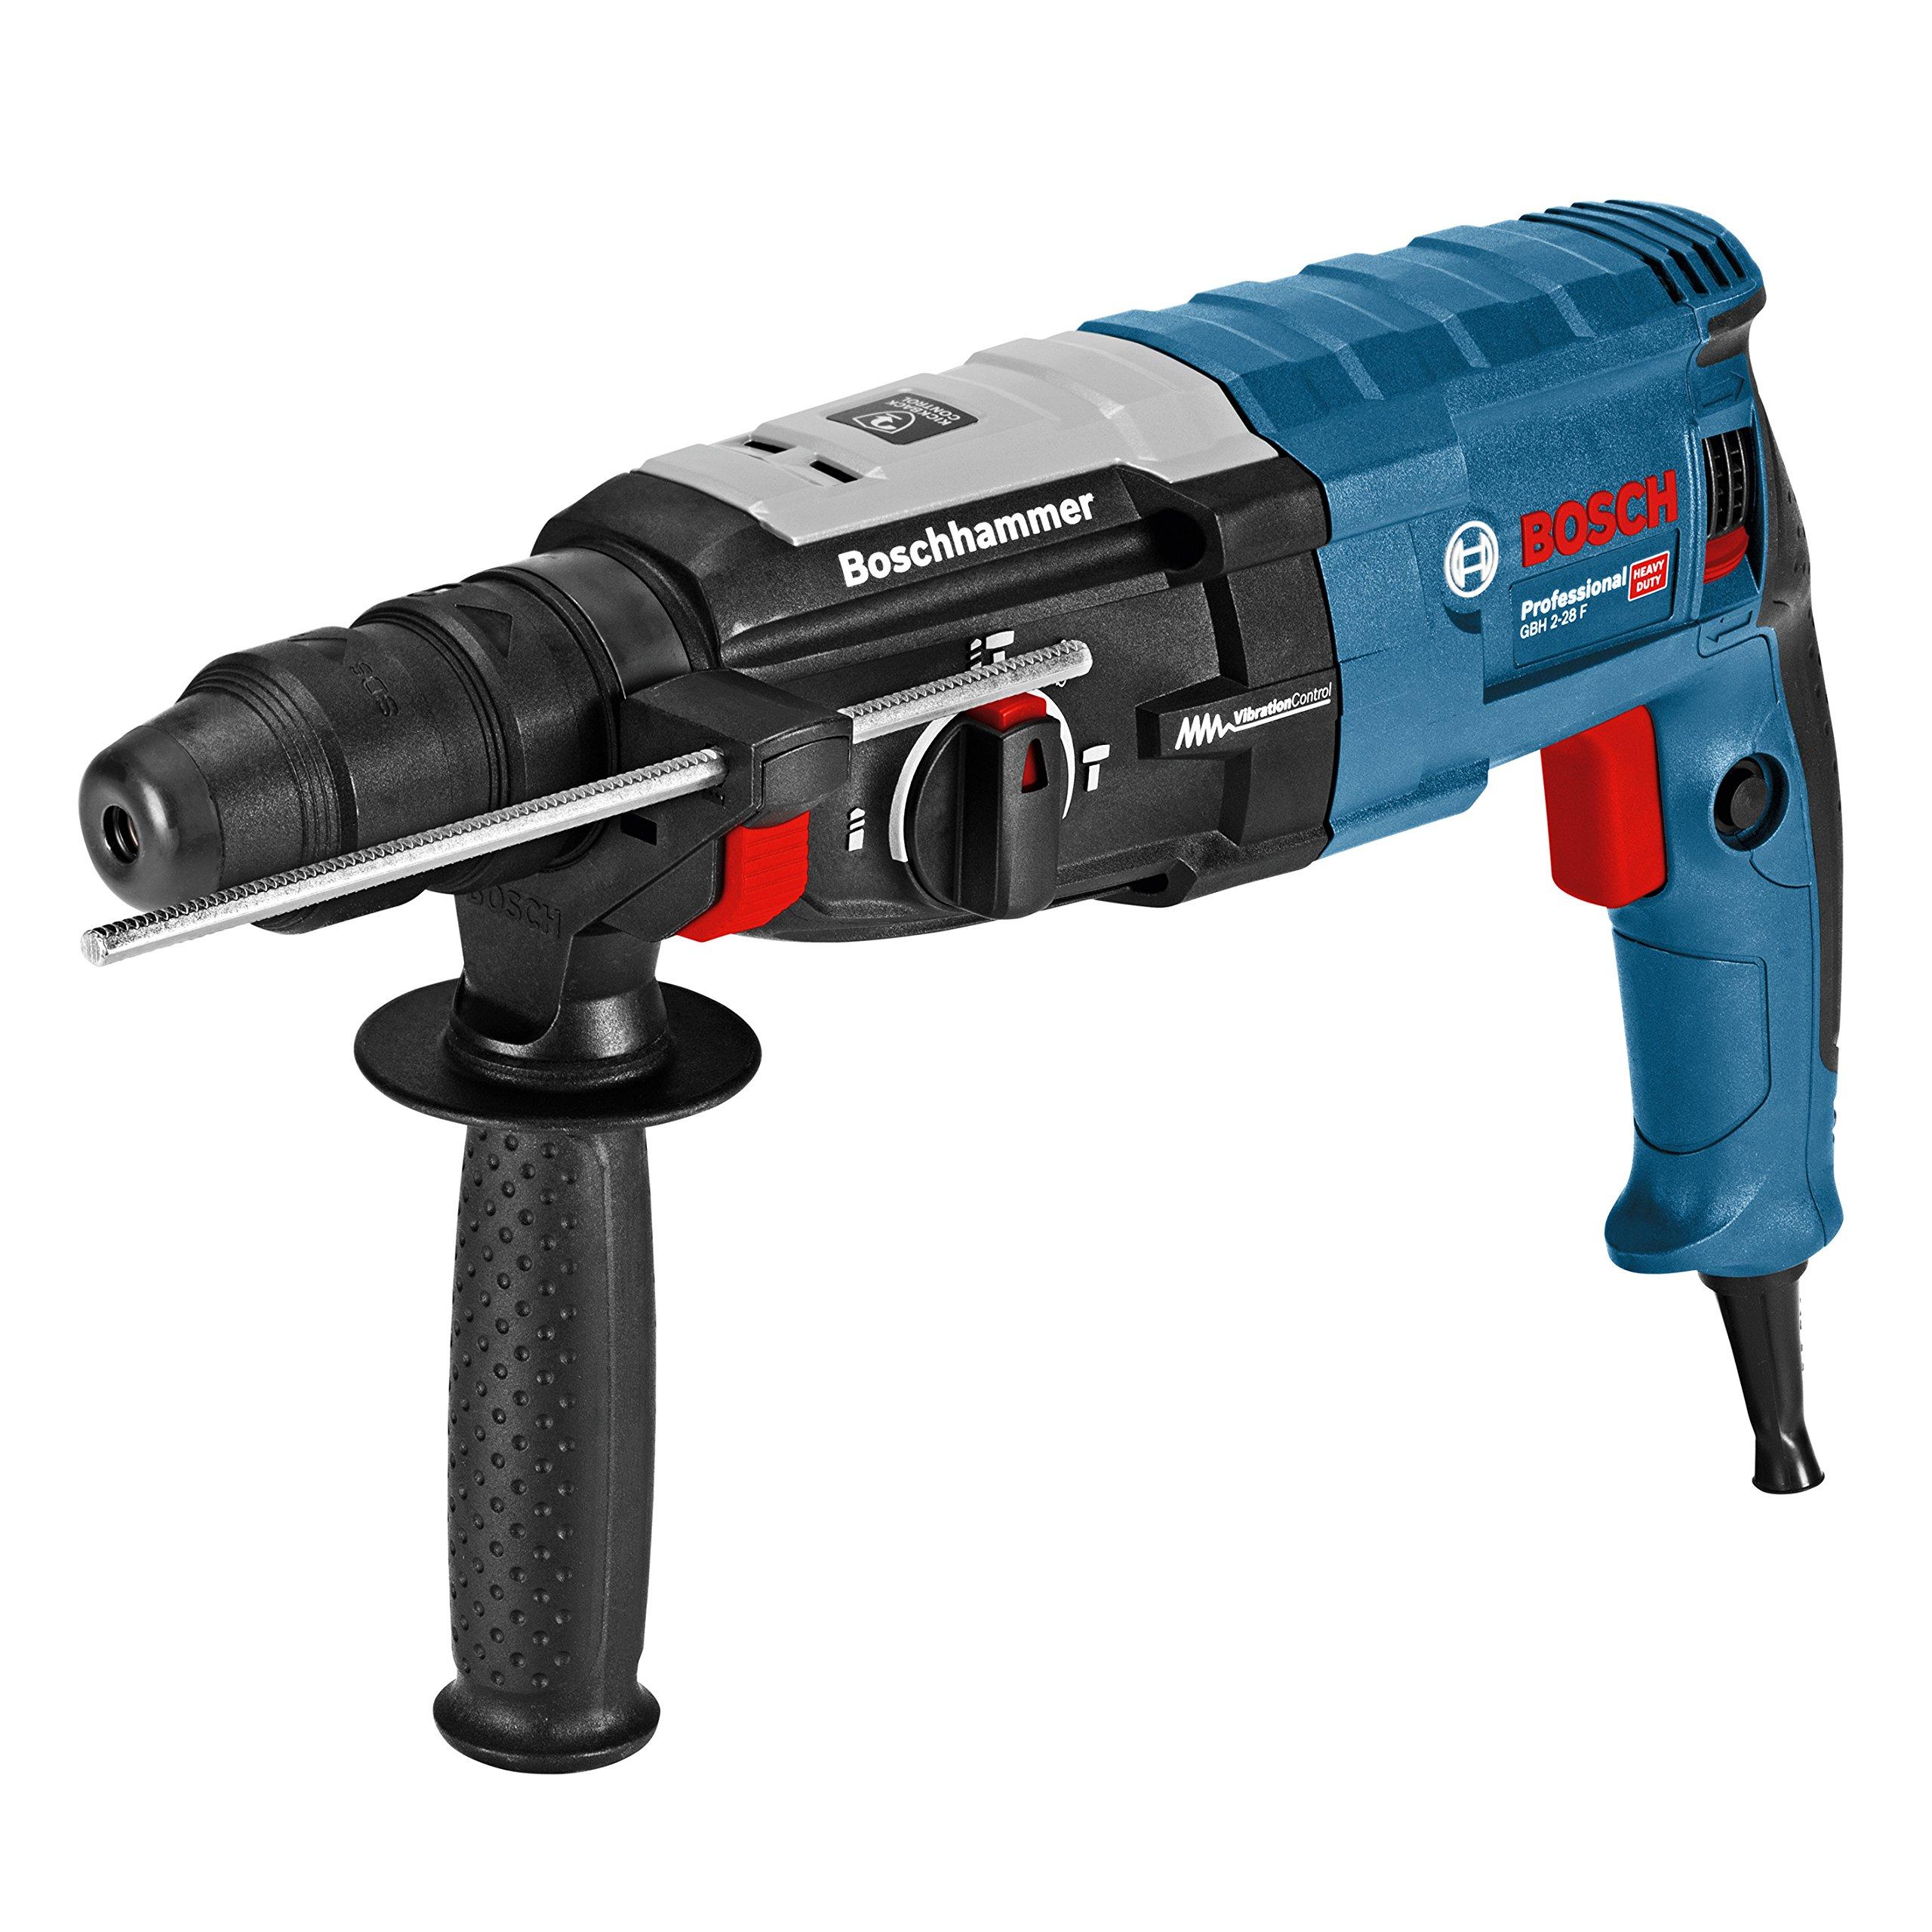 Bosch Professional 0611267600 GBH 2-28 F Martello Perforatore, SDS-Plus, Mandrino Auto-Serrante 13 mm, 880 W, Foro Calcestruzzo 28 mm, Valigetta, 230 V, Nero, Watt product image